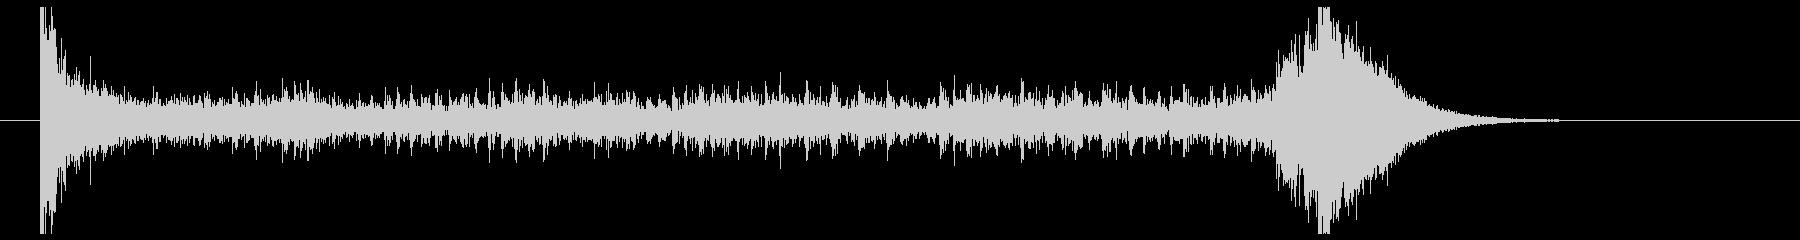 ティンパニーロール_シンバルあり(8秒)の未再生の波形